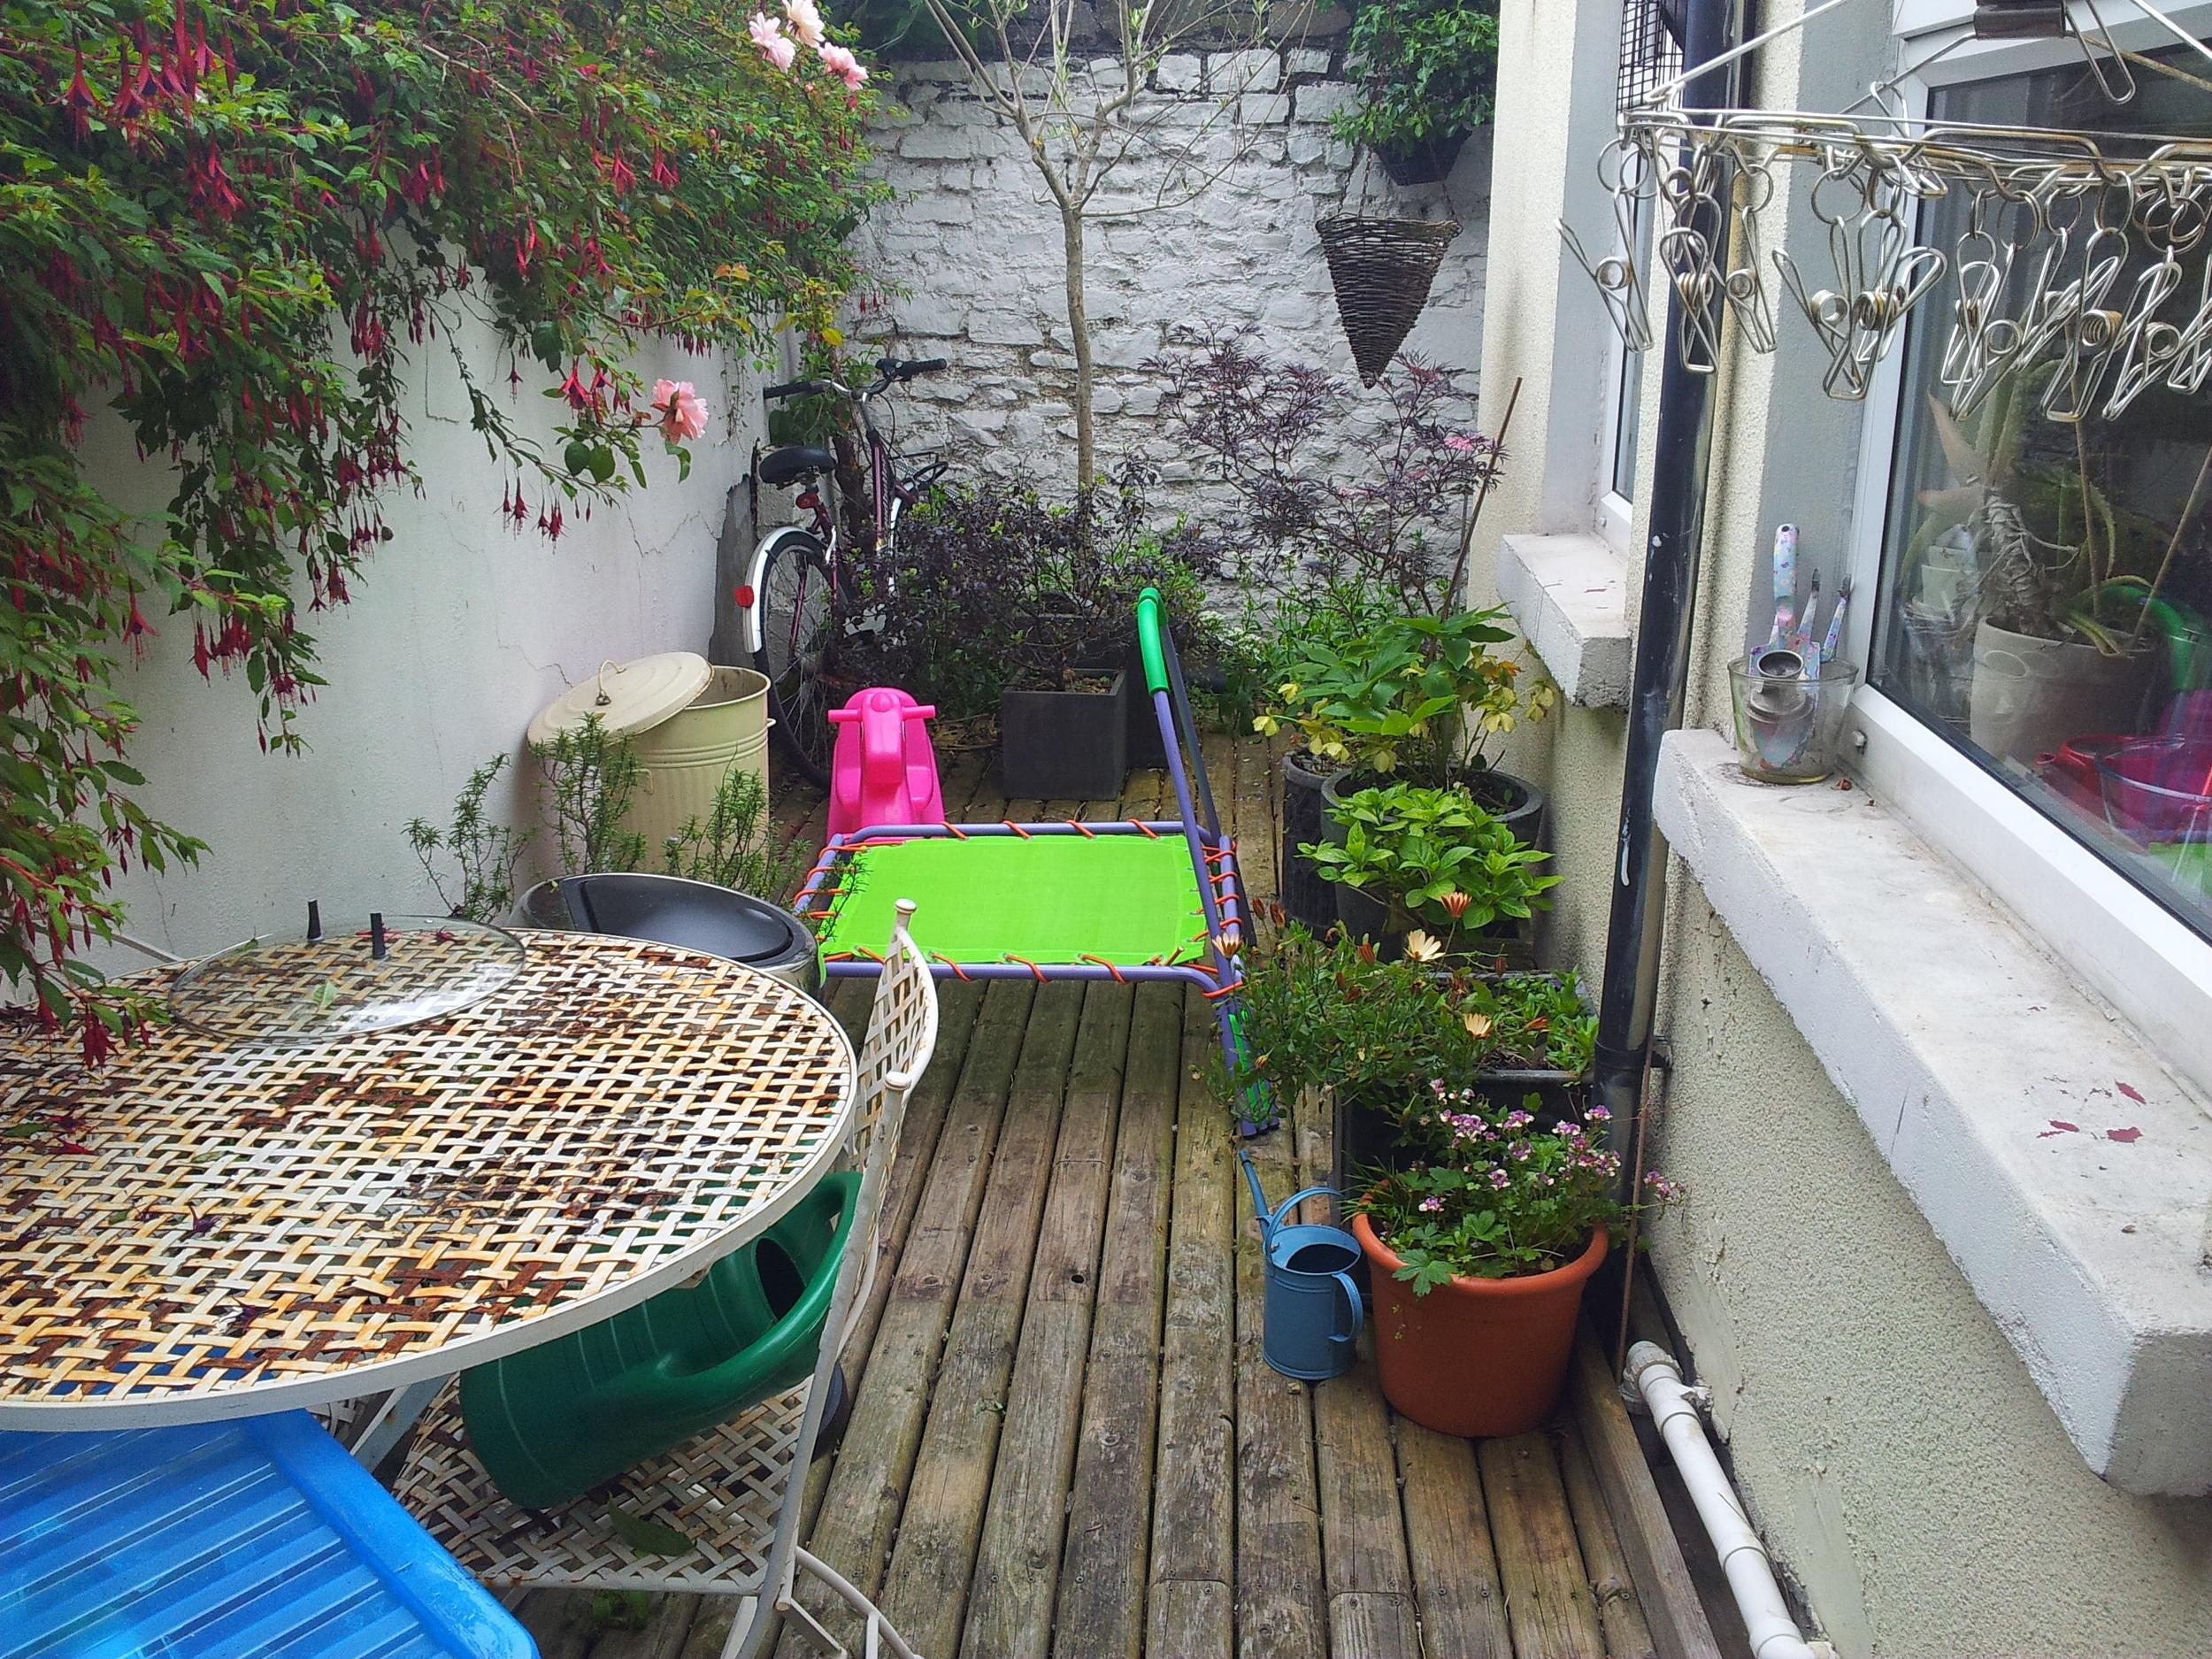 garden decking prior to installation